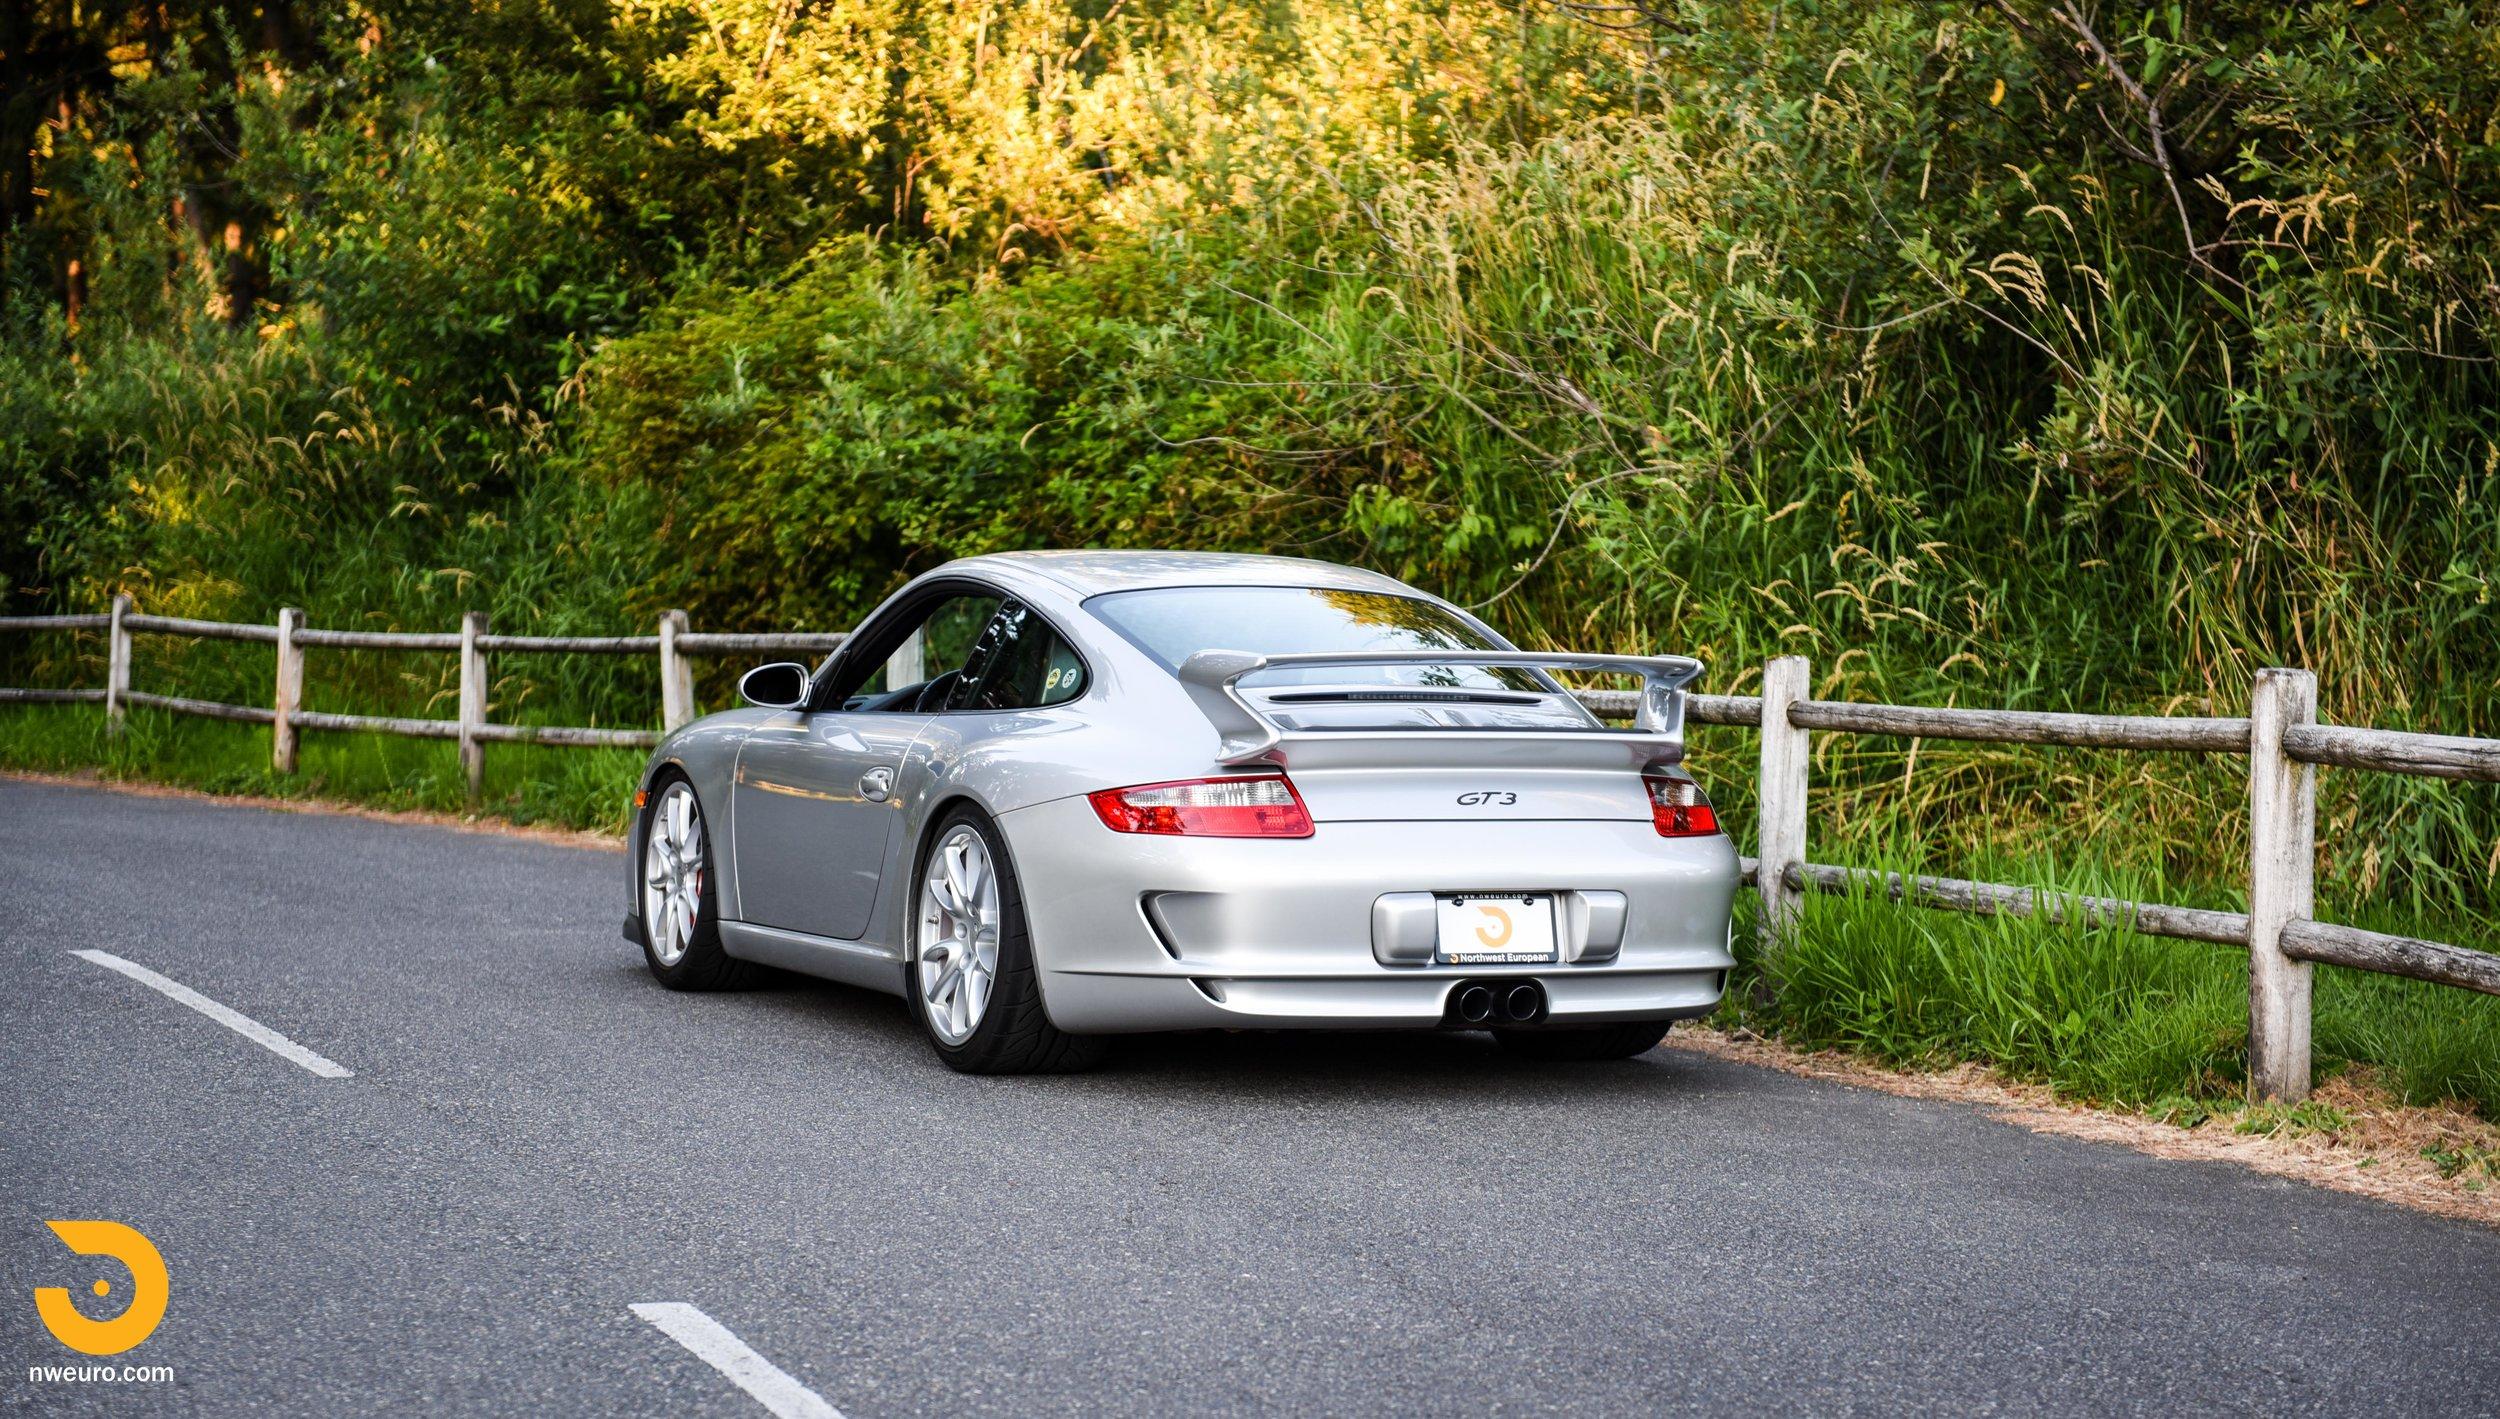 2007 Porsche GT3-42.jpg